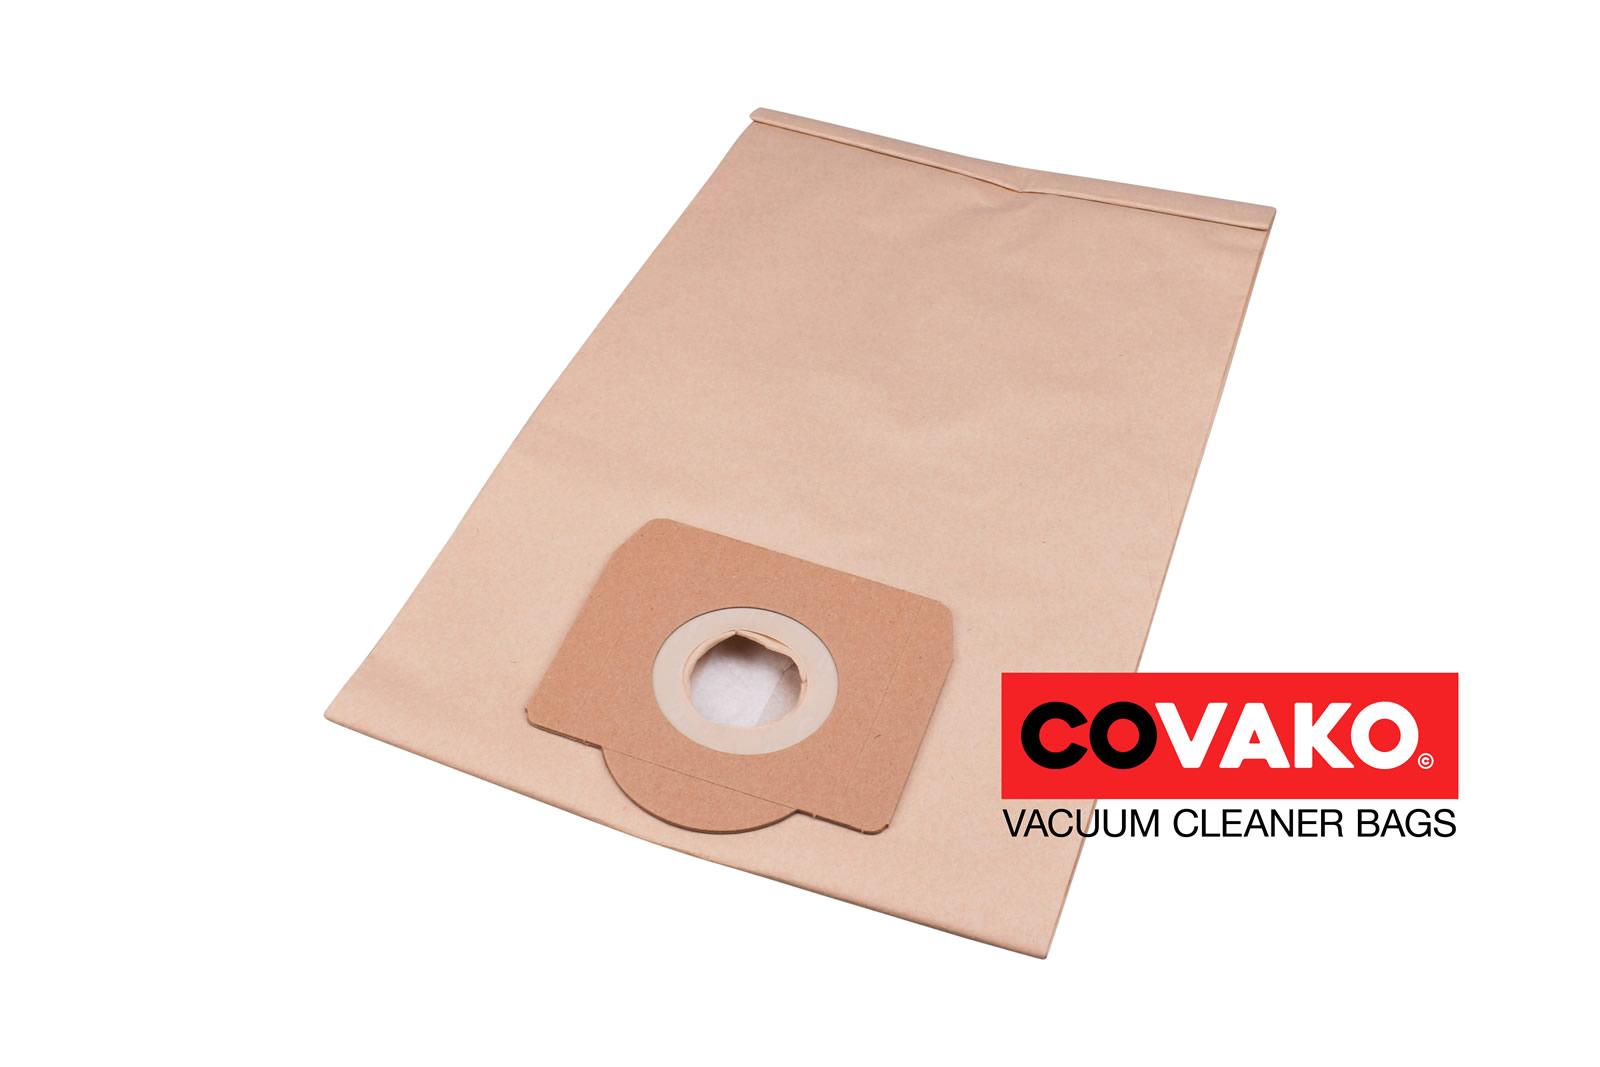 Cleancraft dryCat 133 IRSC / Papier - Cleancraft sacs d'aspirateur